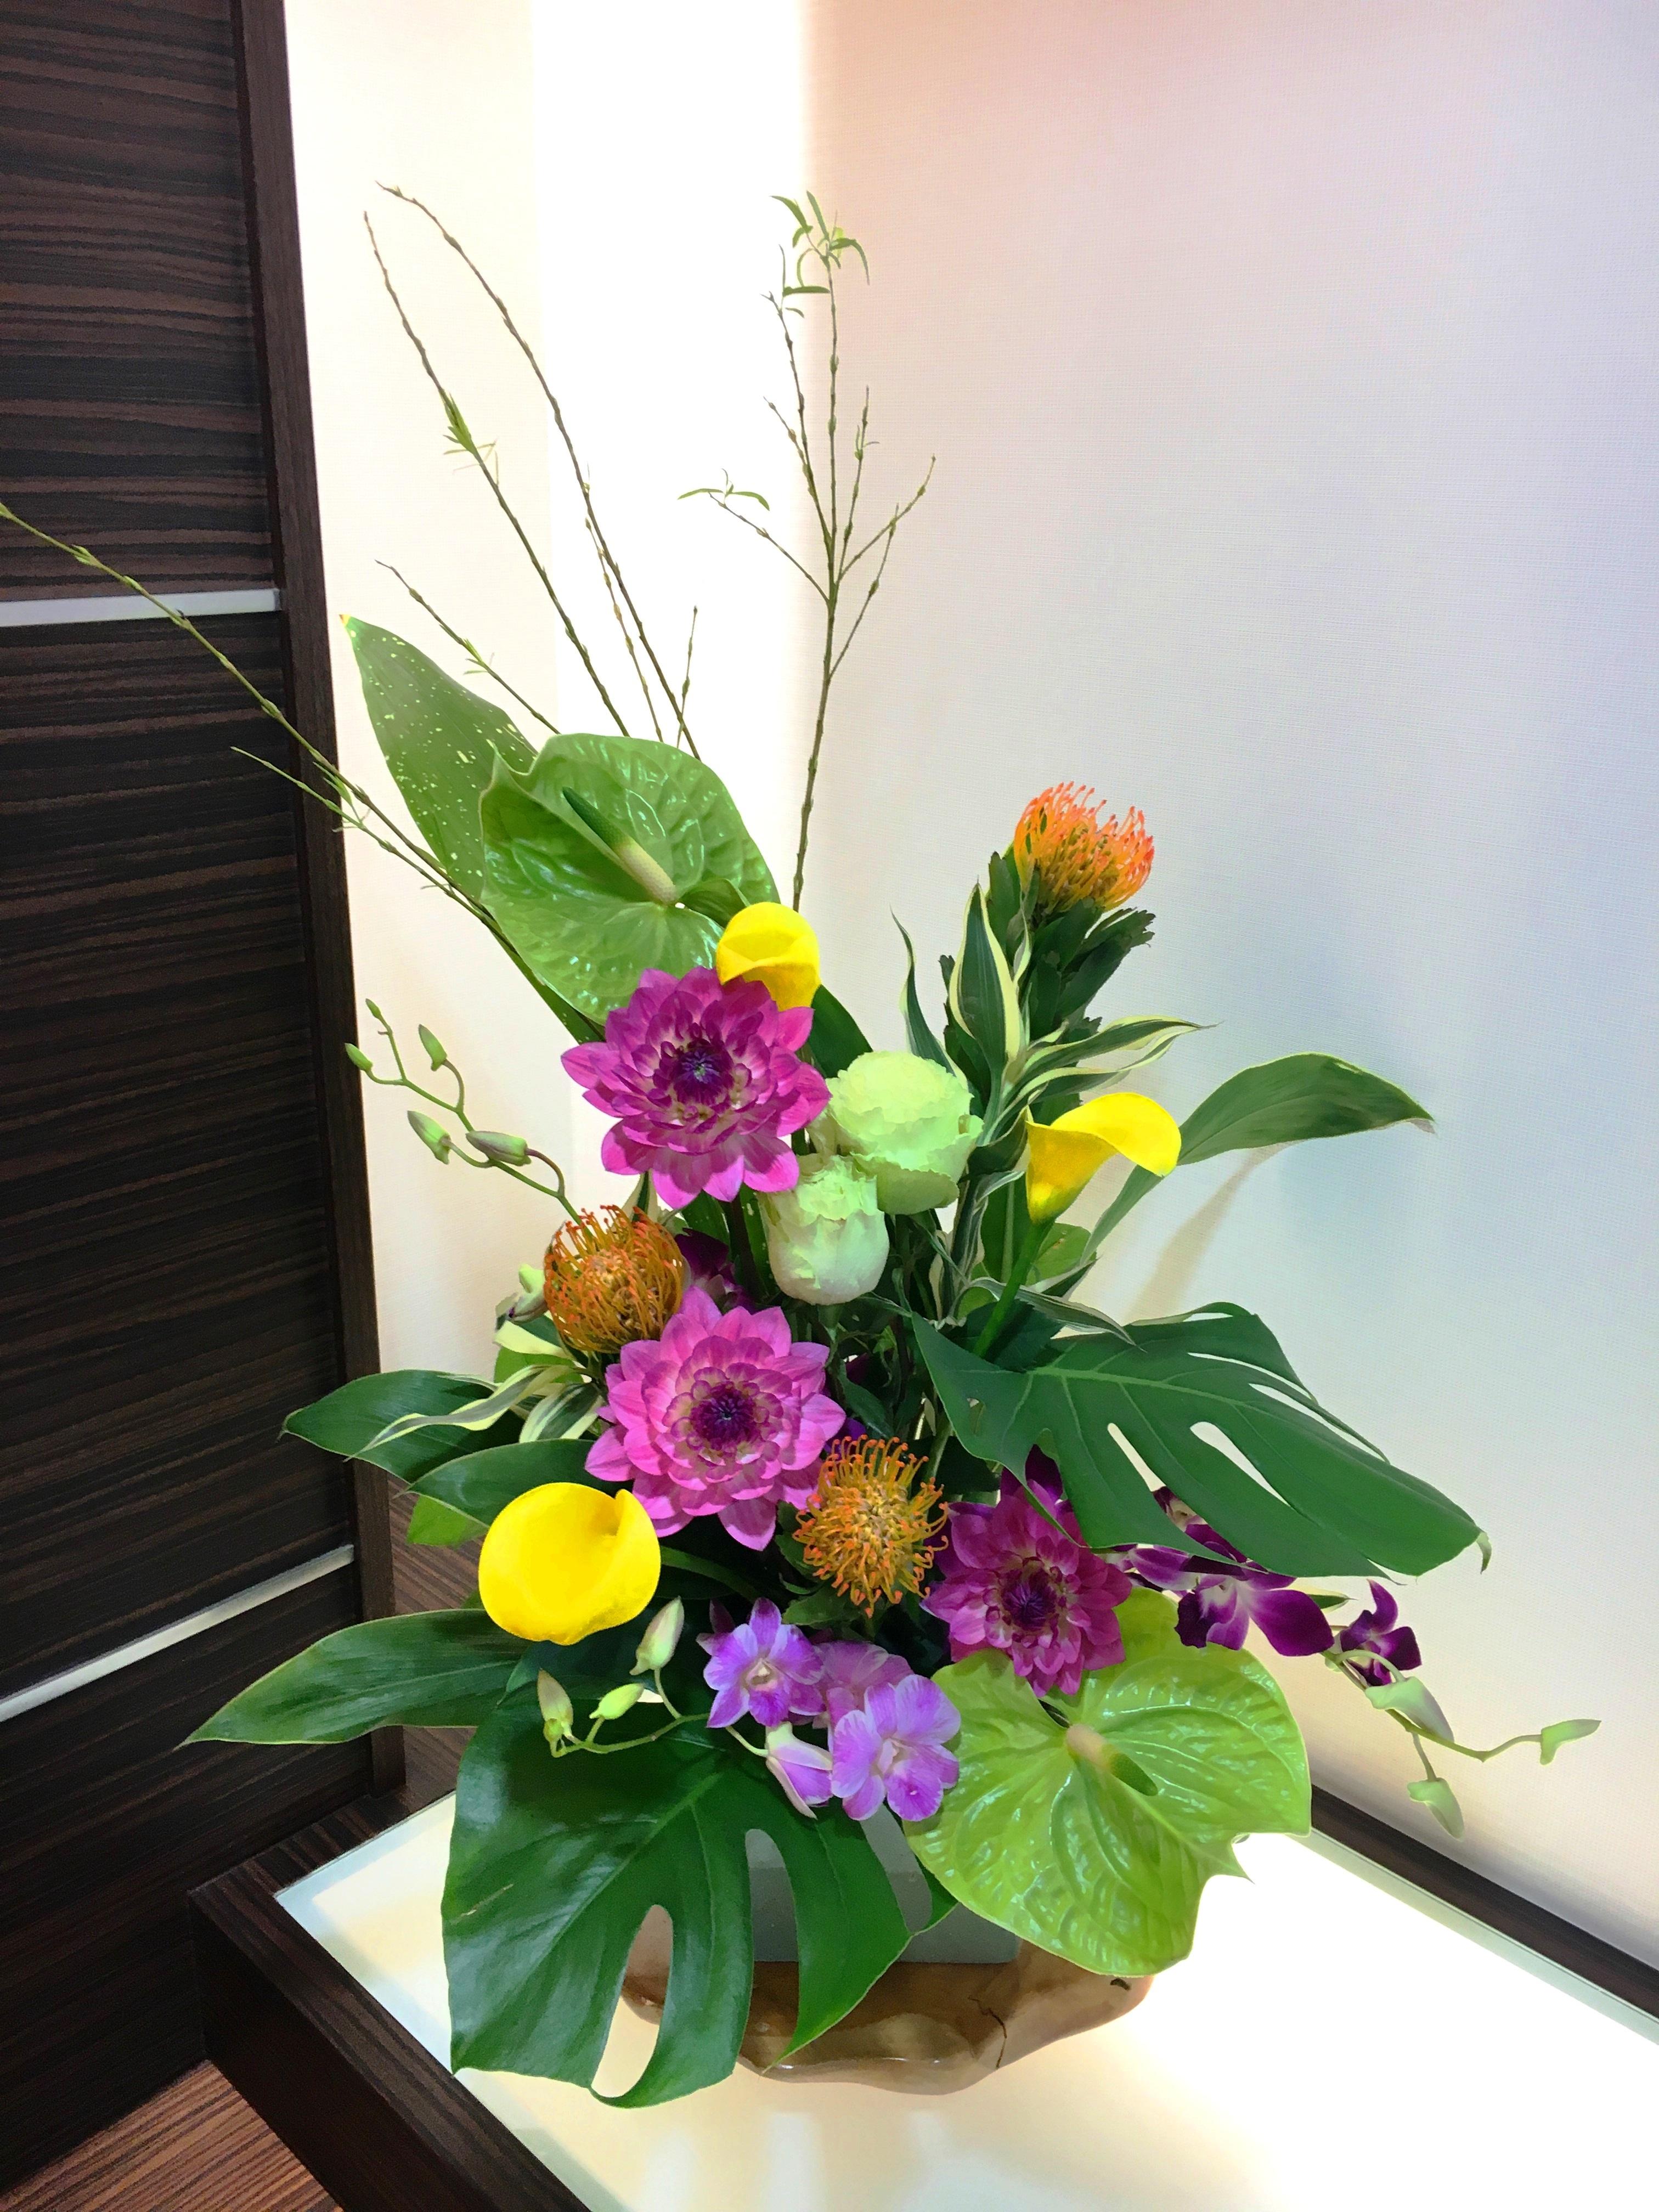 【ナオ花屋の納品事例170】横浜市西区高島の病院へアレンジメントを配達しました!